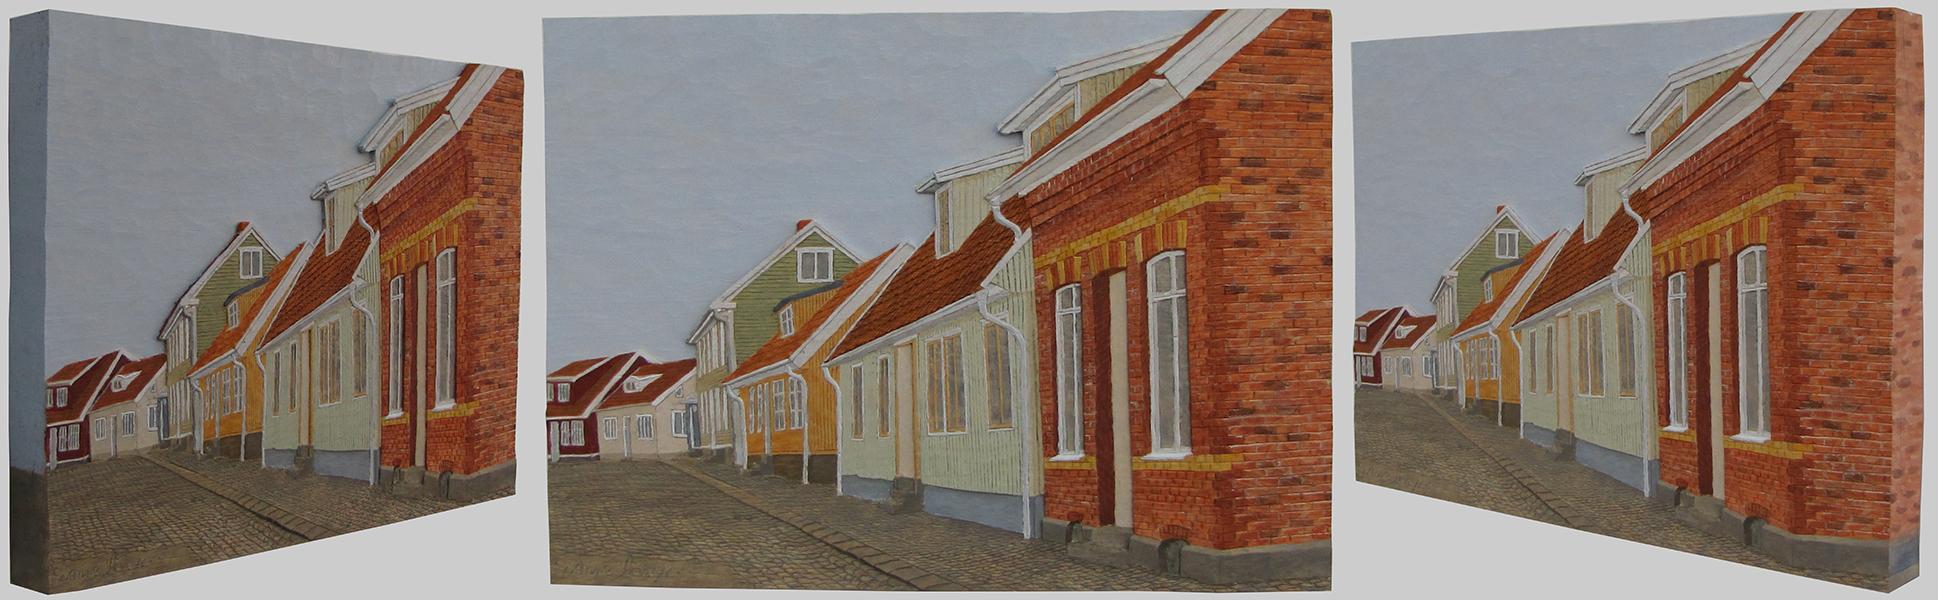 Storgatan, Falkenberg, från olika vinklar